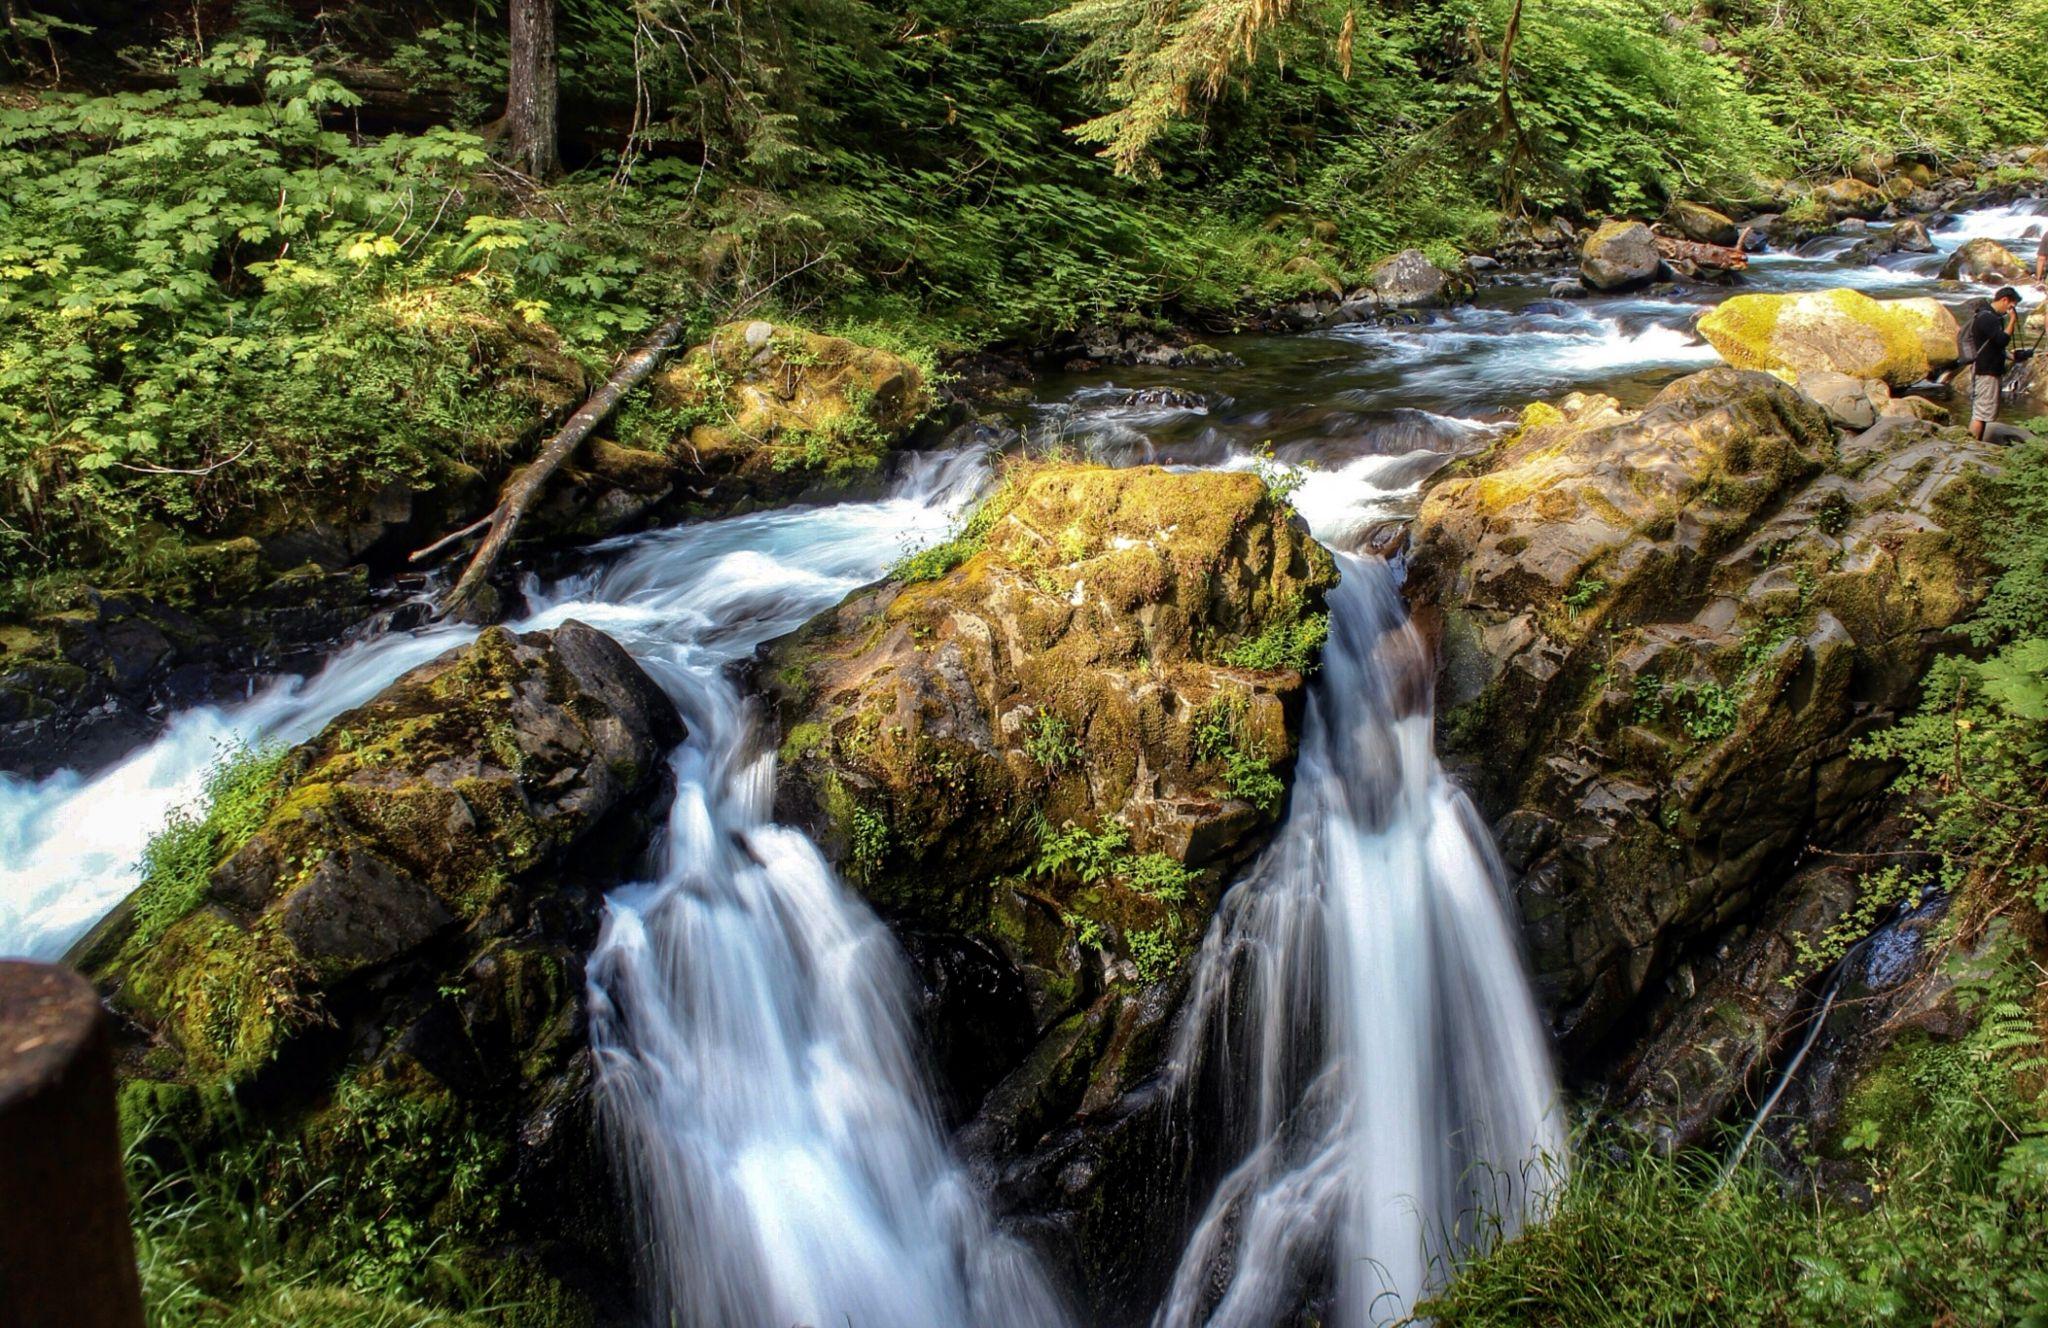 Sol Duc Falls, USA